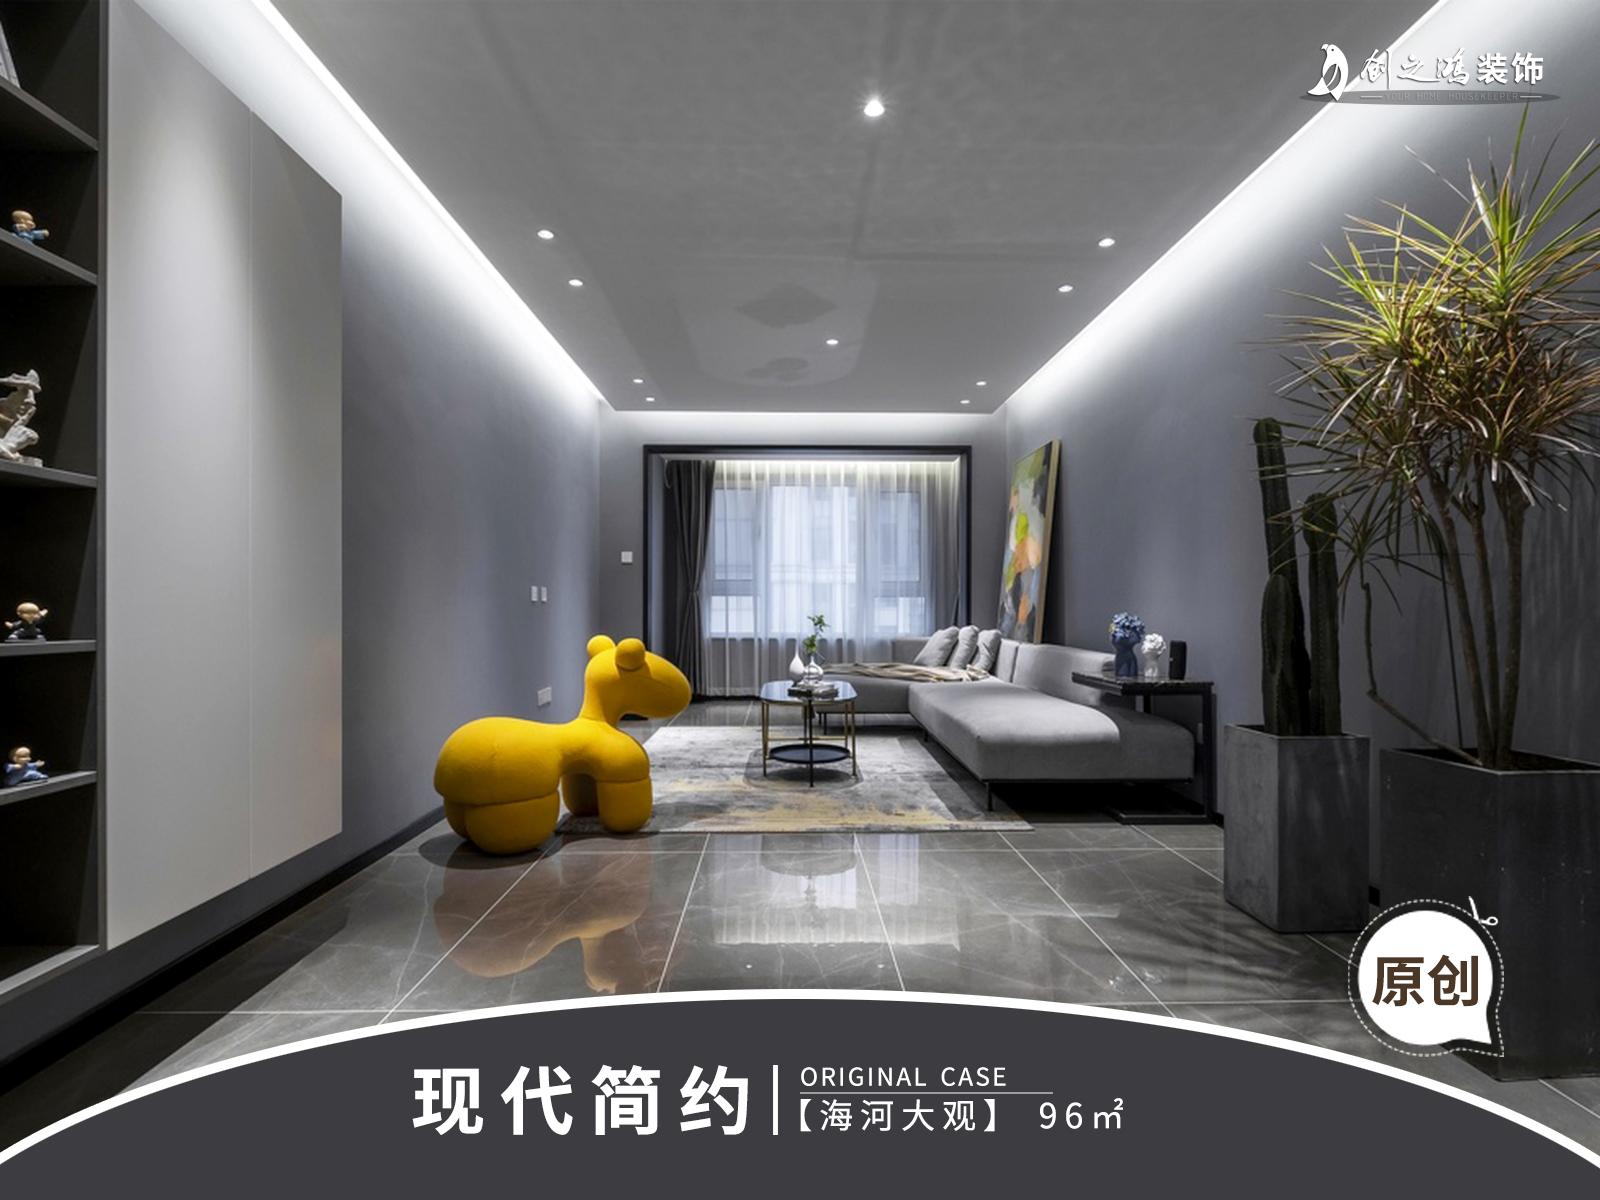 天津市河西区解放南路和湘江道交口海河大观小区案例分享